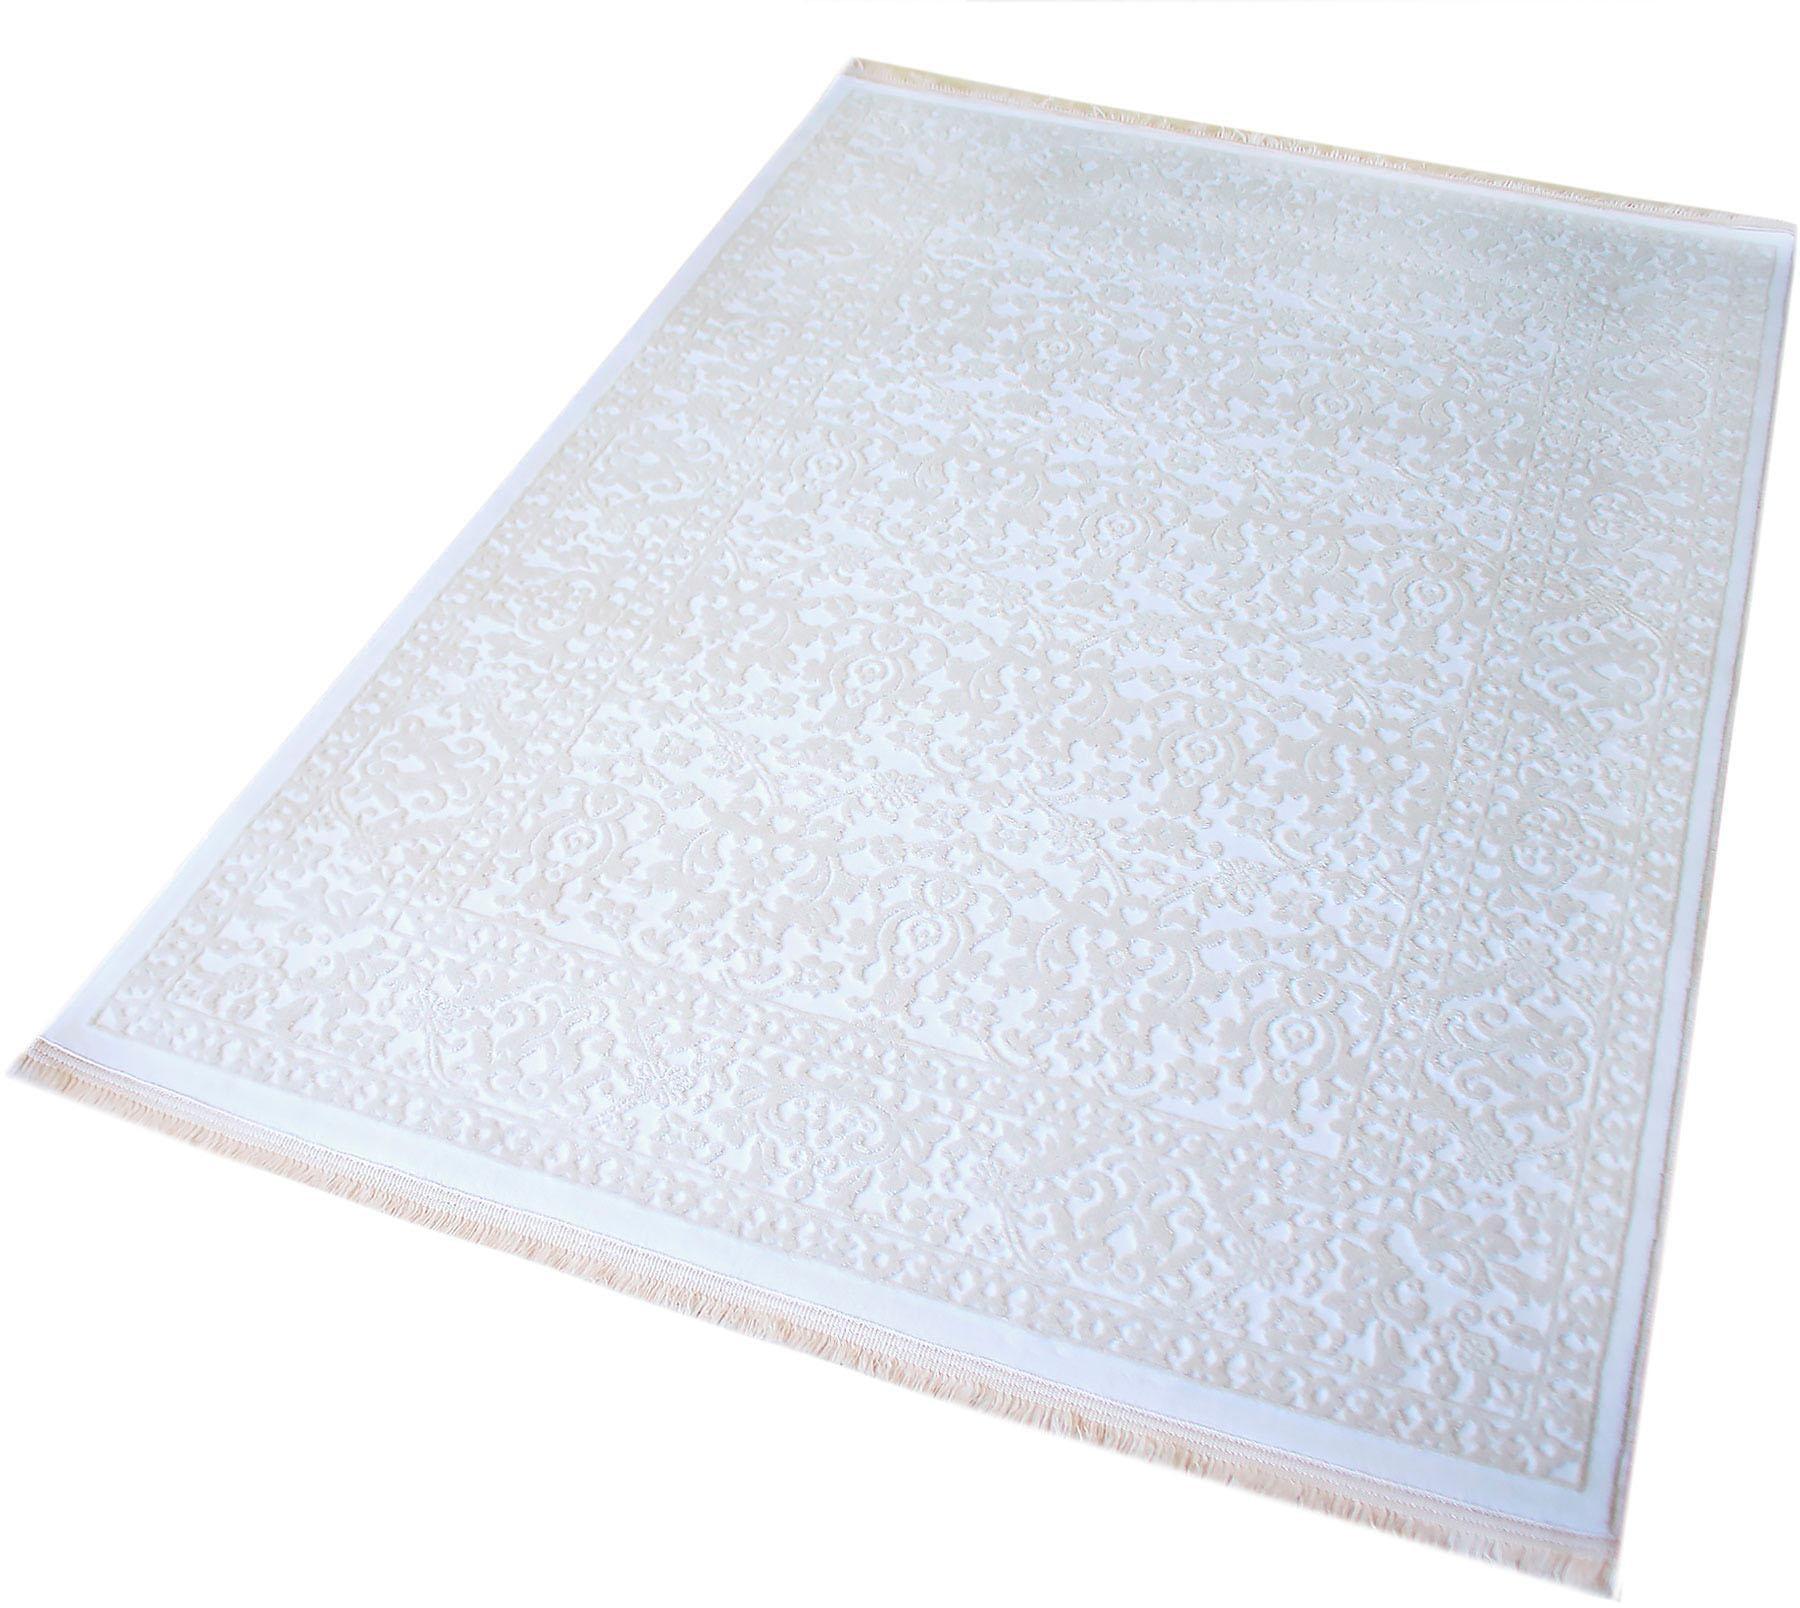 Teppich Art 4213 Sehrazat rechteckig Höhe 15 mm maschinell gewebt